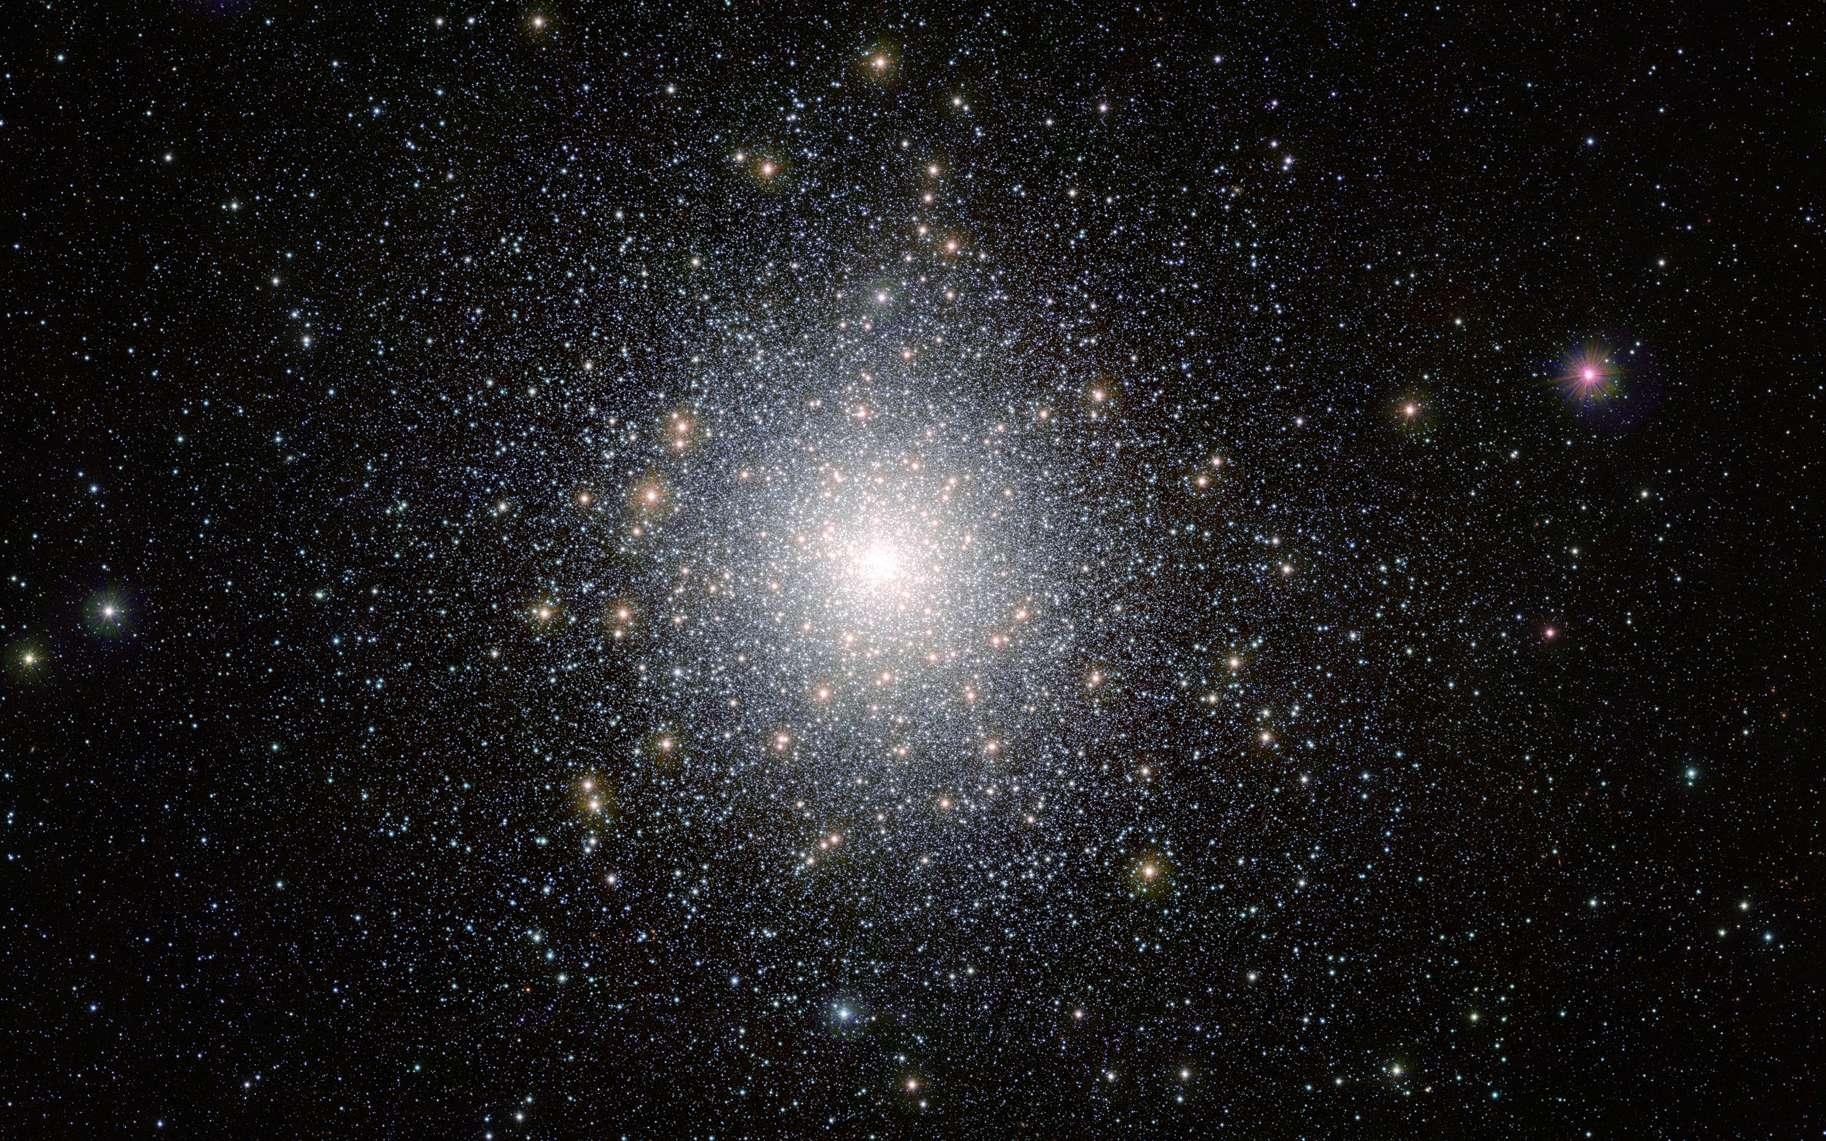 D'un diamètre d'environ 120 années-lumière, cet amas globulaire en orbite autour de la Voie lactée n'est autre que 47 Tucanae (NGC 104). Il se trouve à environ 16.700 années-lumière de la Terre et contient des millions d'étoiles, dont certaines sont très exotiques et peu communes. Cette image a été réalisée par le télescope Vista (Visible and Infrared Survey Telescope for Astronomy) de l'ESO, depuis l'observatoire de Cerro Paranal, dans le désert d'Atacama, au Chili. © M.-R. Cioni, Vista Magellanic Cloud survey, ESO